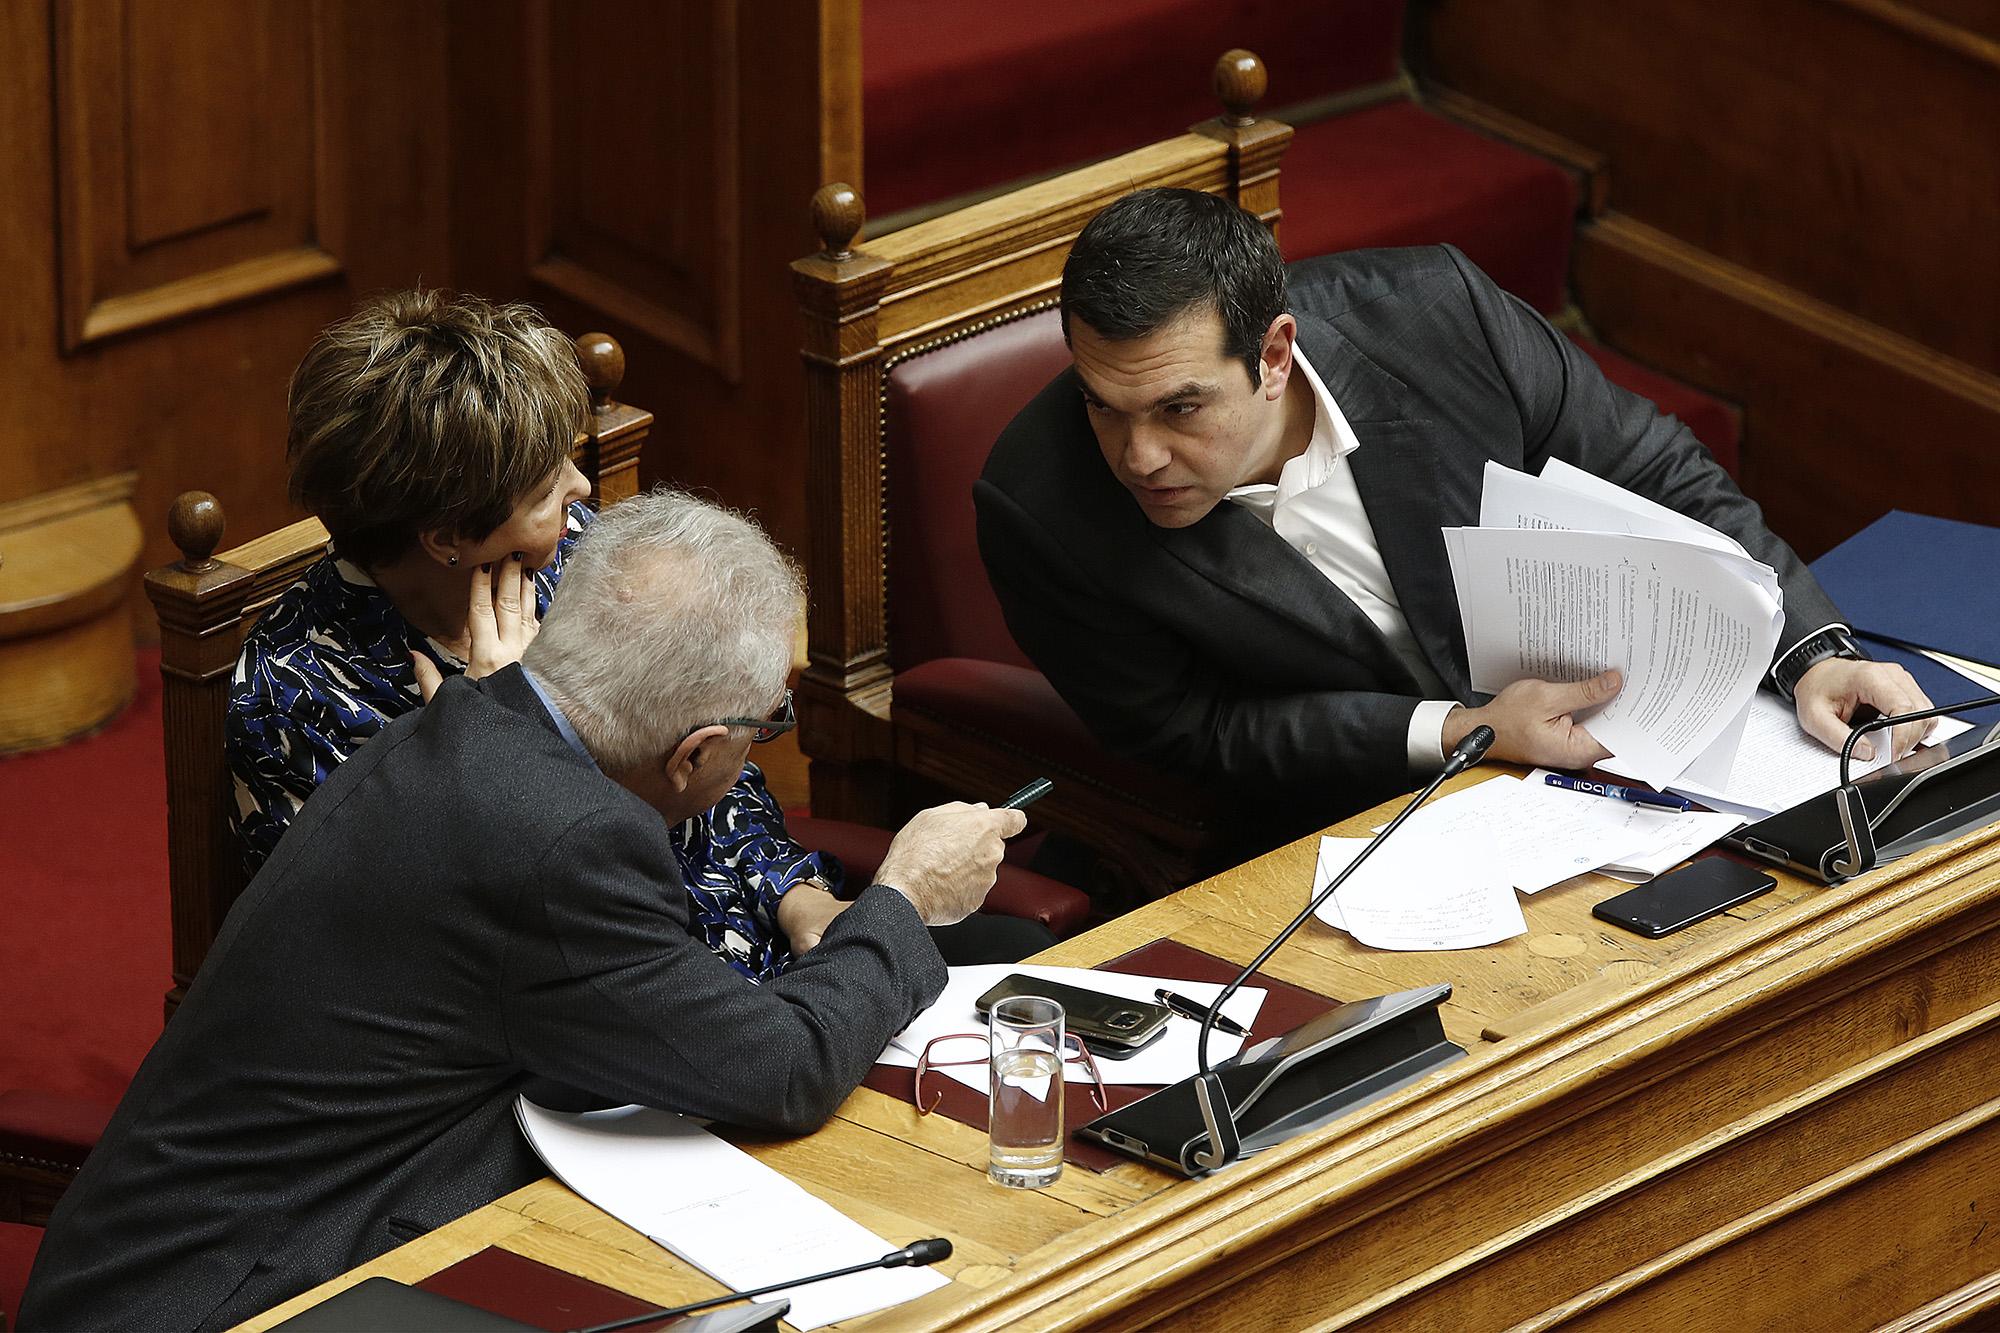 """Ο πρωθυπουργός Αλέξης Τσίπρας με την υπουργό Προστασίας του Πολίτη Όλγα Γεροβασίλη και τον υπουργό Παιδείας Έρευνας και Θρησκευμάτων  Κωνσταντίνο Γαβρόγλου συνομιλούν στην επίκαιρη ερώτηση στην"""" Ώρα του πρωθυπουργού """" για την ανομία στα Πανεπιστήμια που κατατέθηκε από τον πρόεδρο της ΝΔ Κυριάκο Μητσοτάκη, Παρασκευή 23 Νοεμβρίου 2018. ΑΠΕ-ΜΠΕ/ΑΠΕ-ΜΠΕ/ΑΛΕΞΑΝΔΡΟΣ ΒΛΑΧΟΣ"""